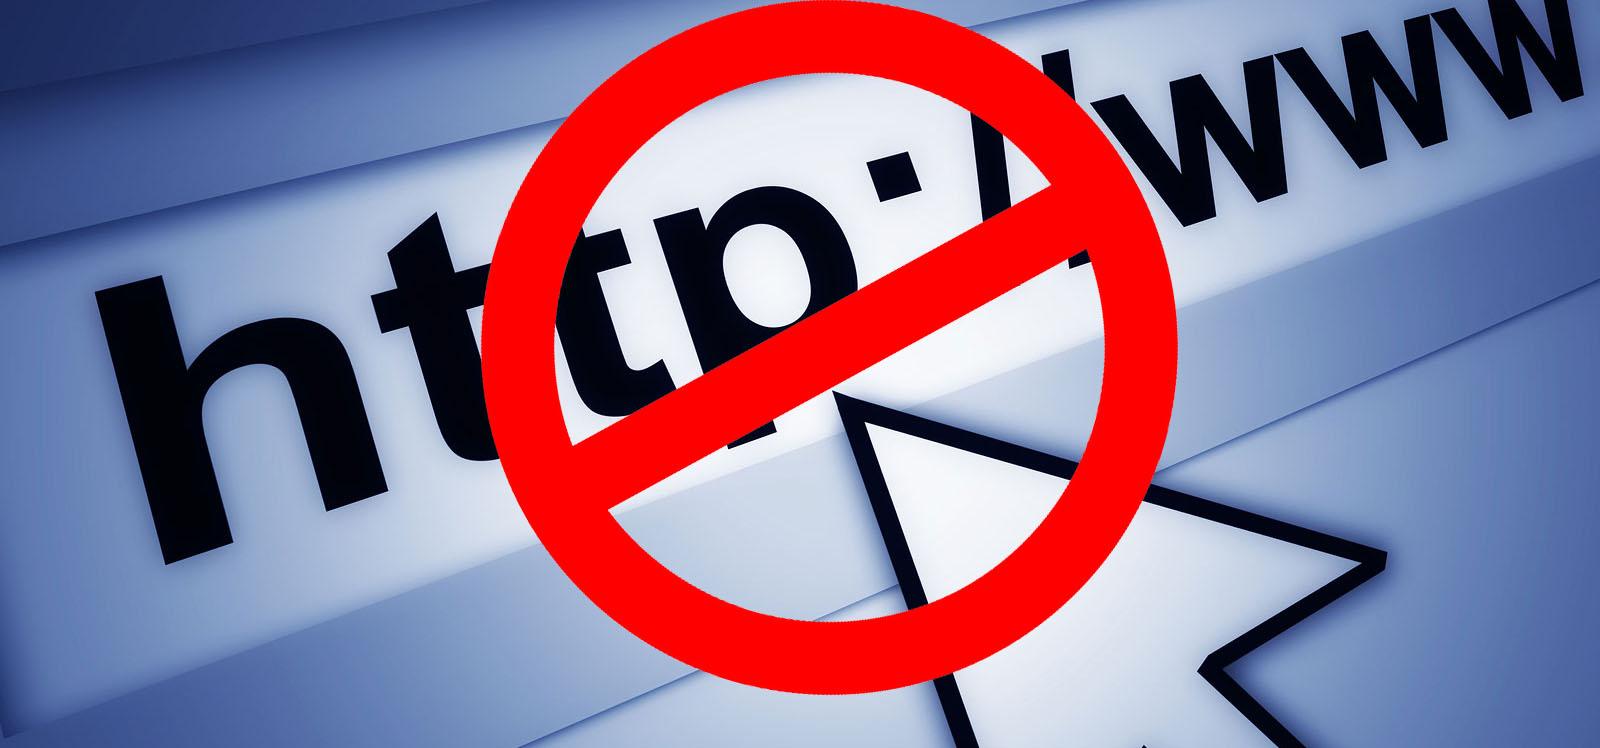 CloudFlare изменил «пиратским» сайтам IP, чтобы обойти блокировку в сетях Cogent - 1